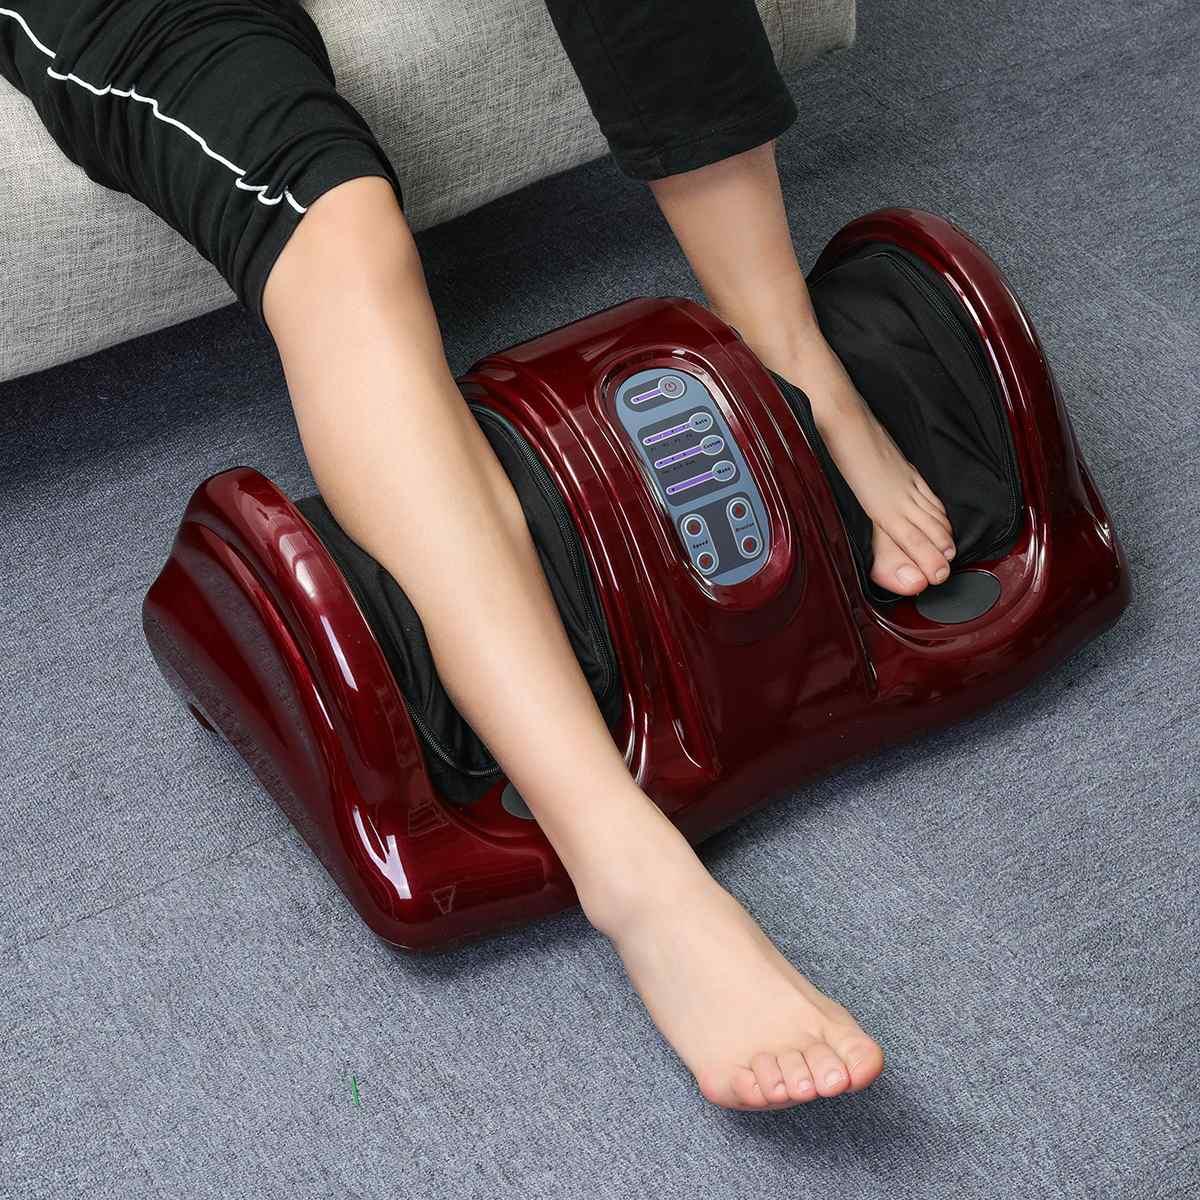 220 V Chauffage Électrique Pied Corps masseur de jambes Shiatsu Pétrissage Rouleau machine vibrateur Réflexologie Veau Jambe Soulagement de La Douleur Se Détendre